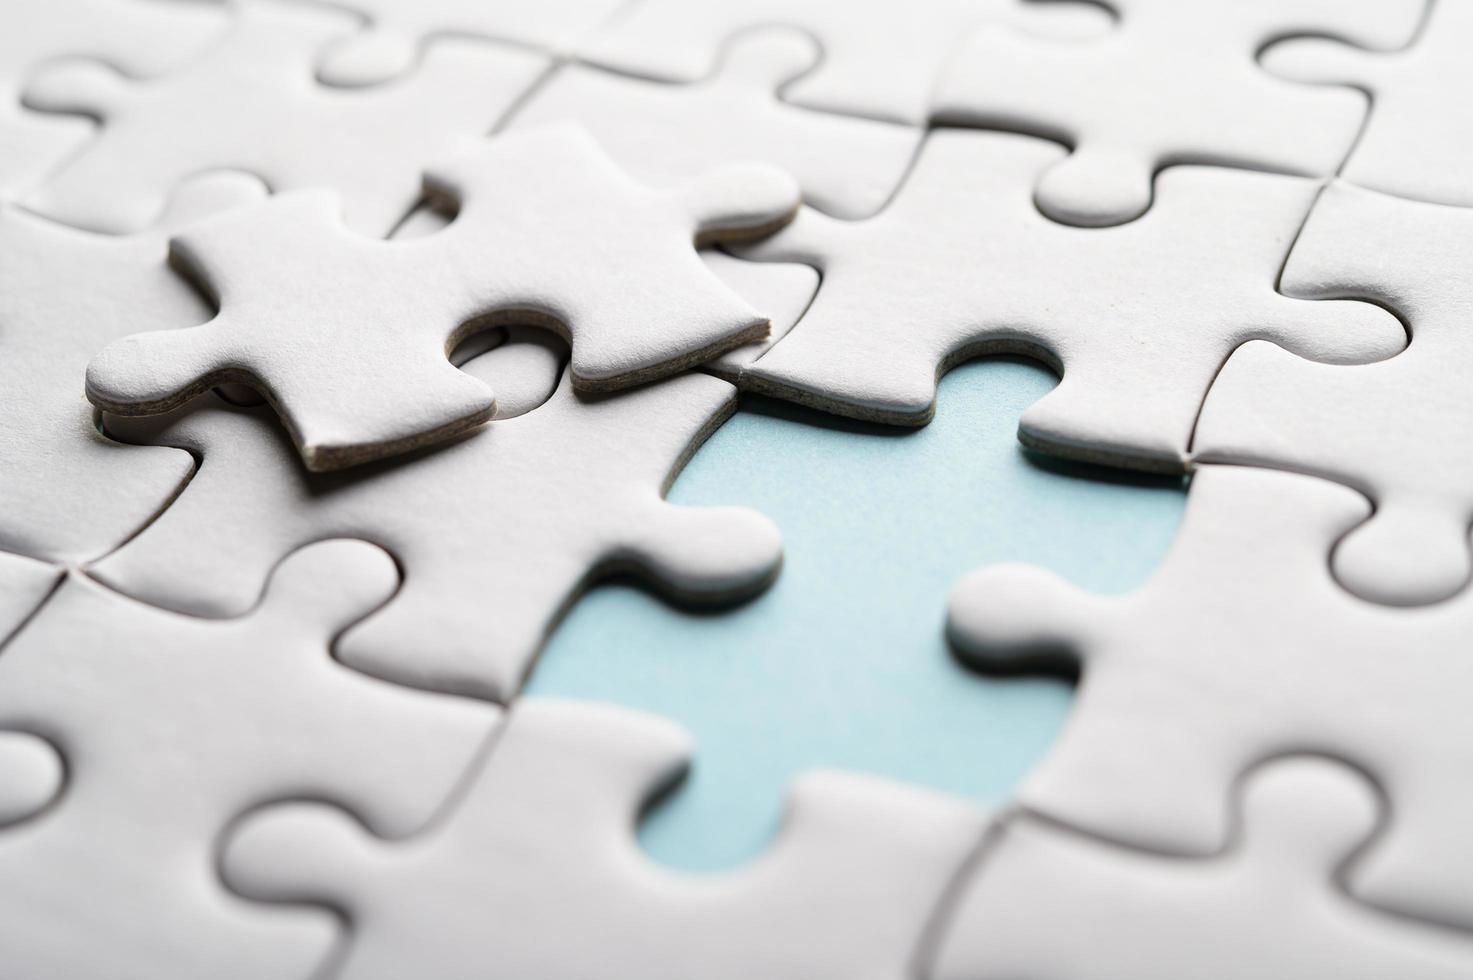 puzzle avec une pièce manquante photo